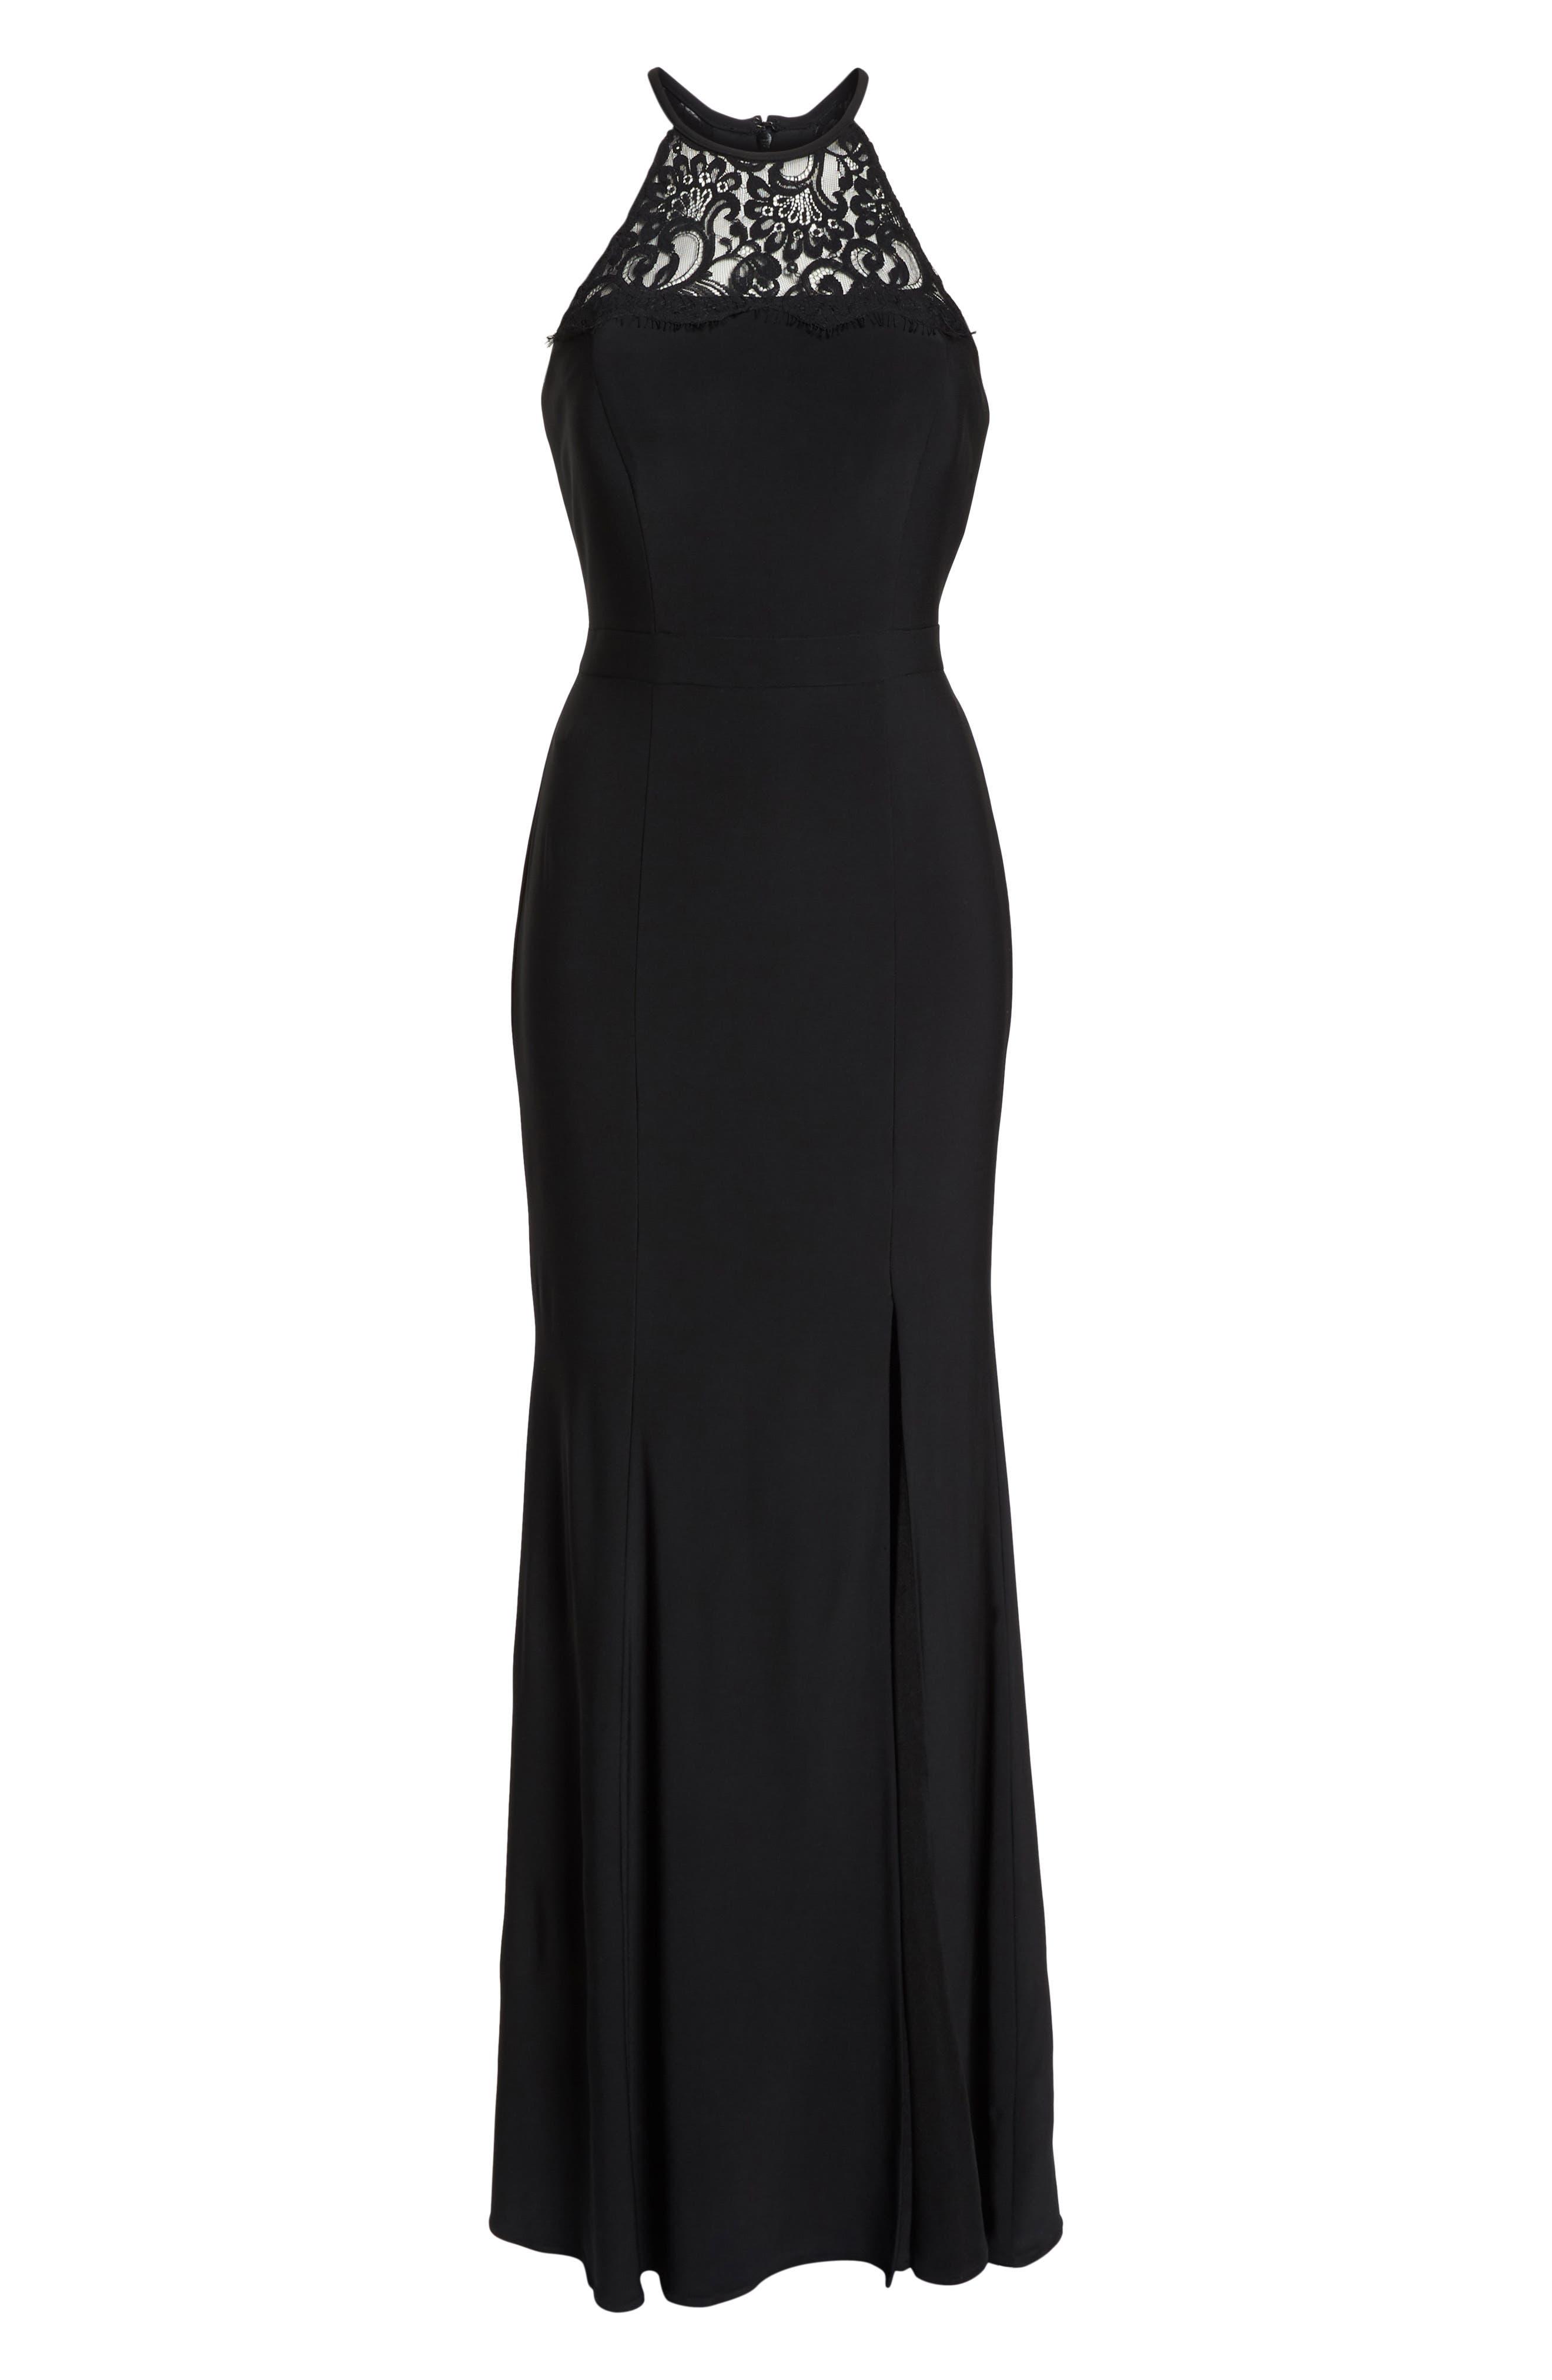 Lace Neck Halter Gown,                             Alternate thumbnail 6, color,                             Black